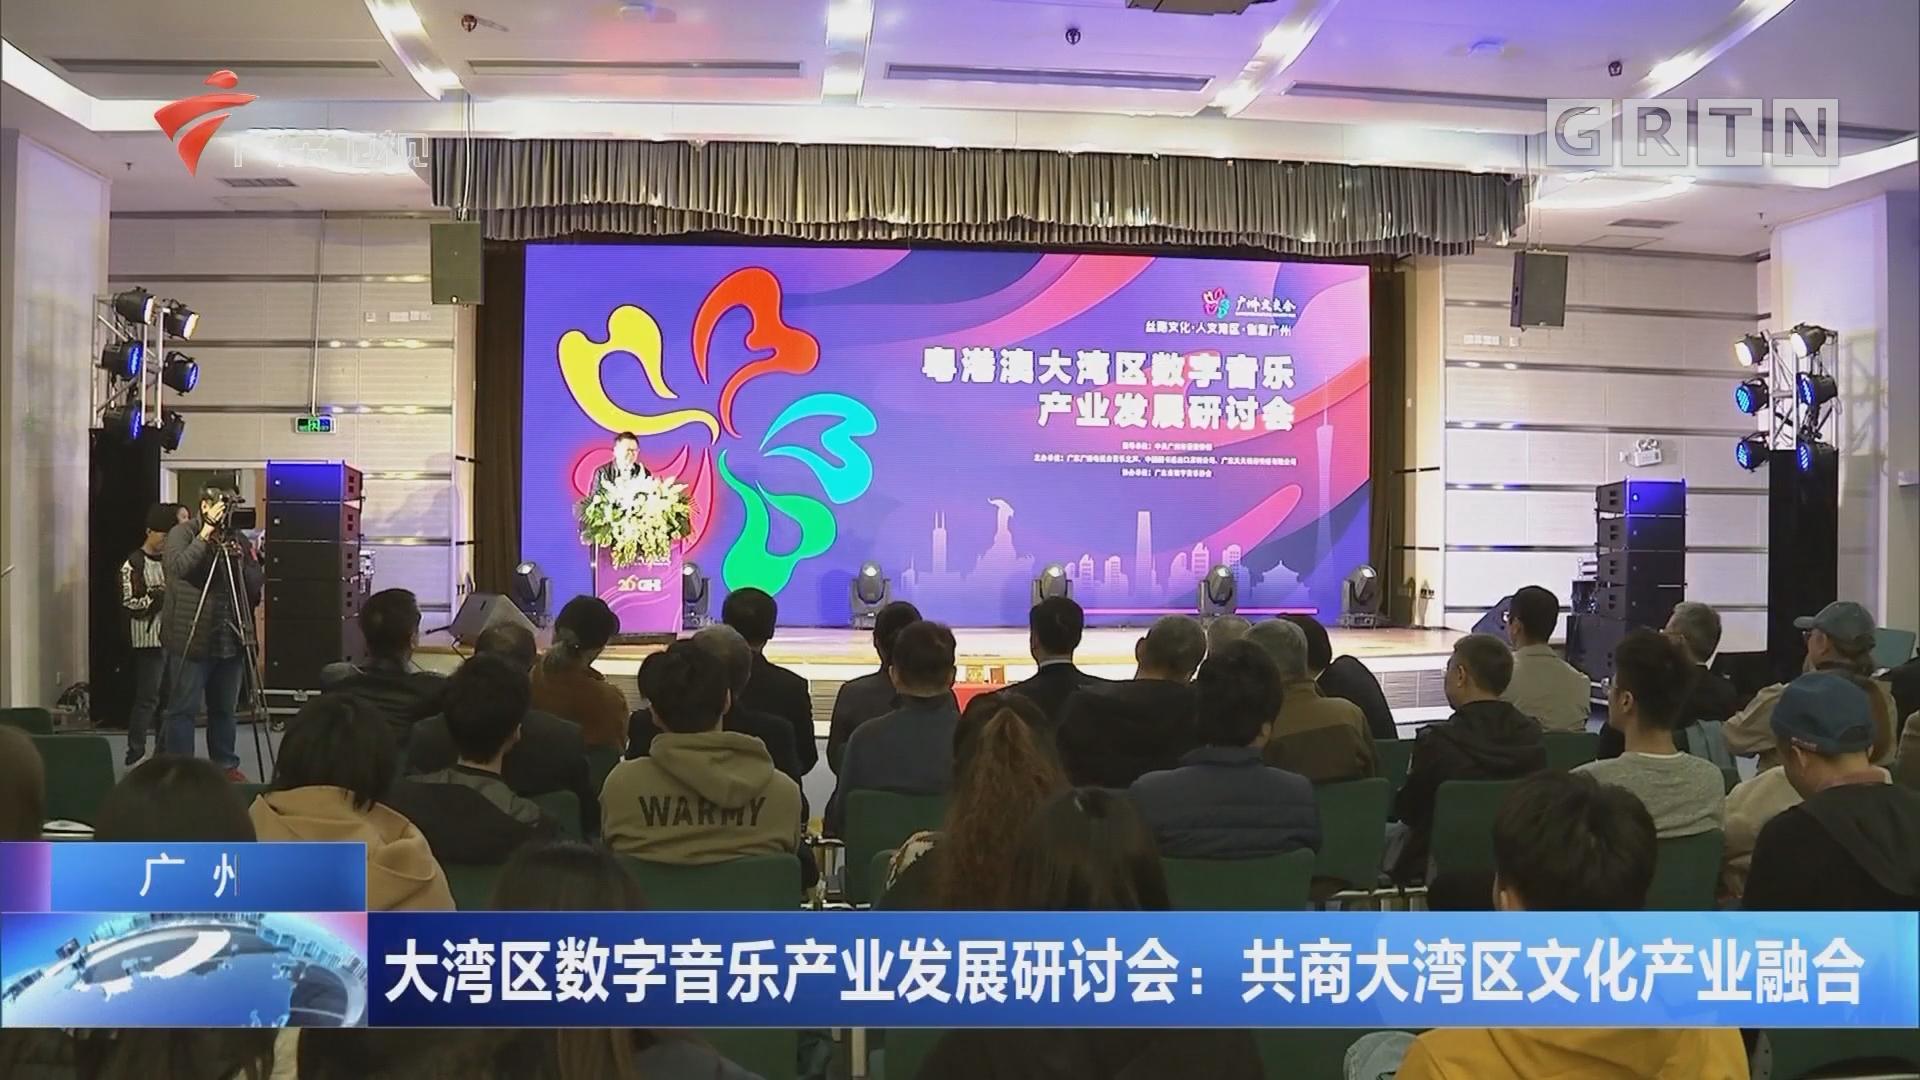 广州 大湾区数字音乐产业发展研讨会:共商大湾区文化产业融合